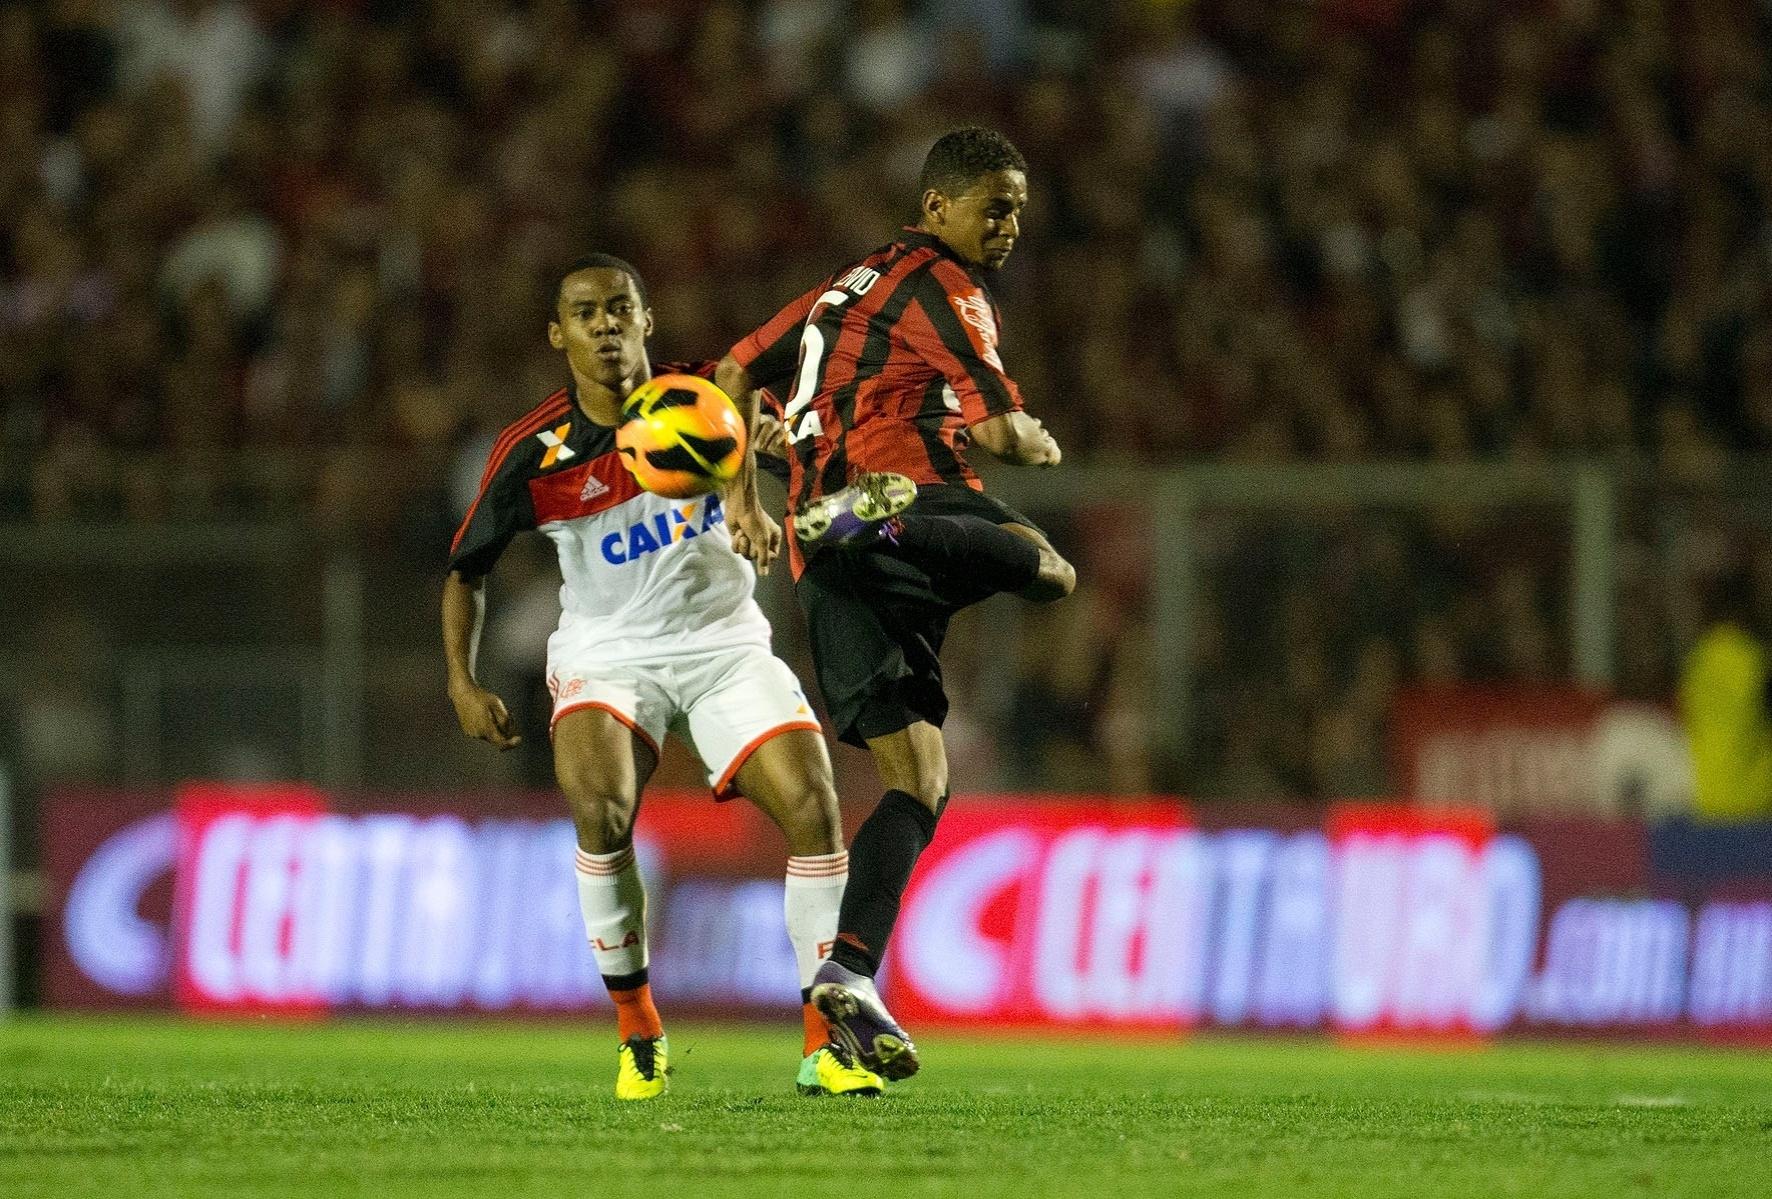 Pedro Botelho, do Atlético-PR, arrisca passe durante jogo contra o Flamengo - 20.nov.2013